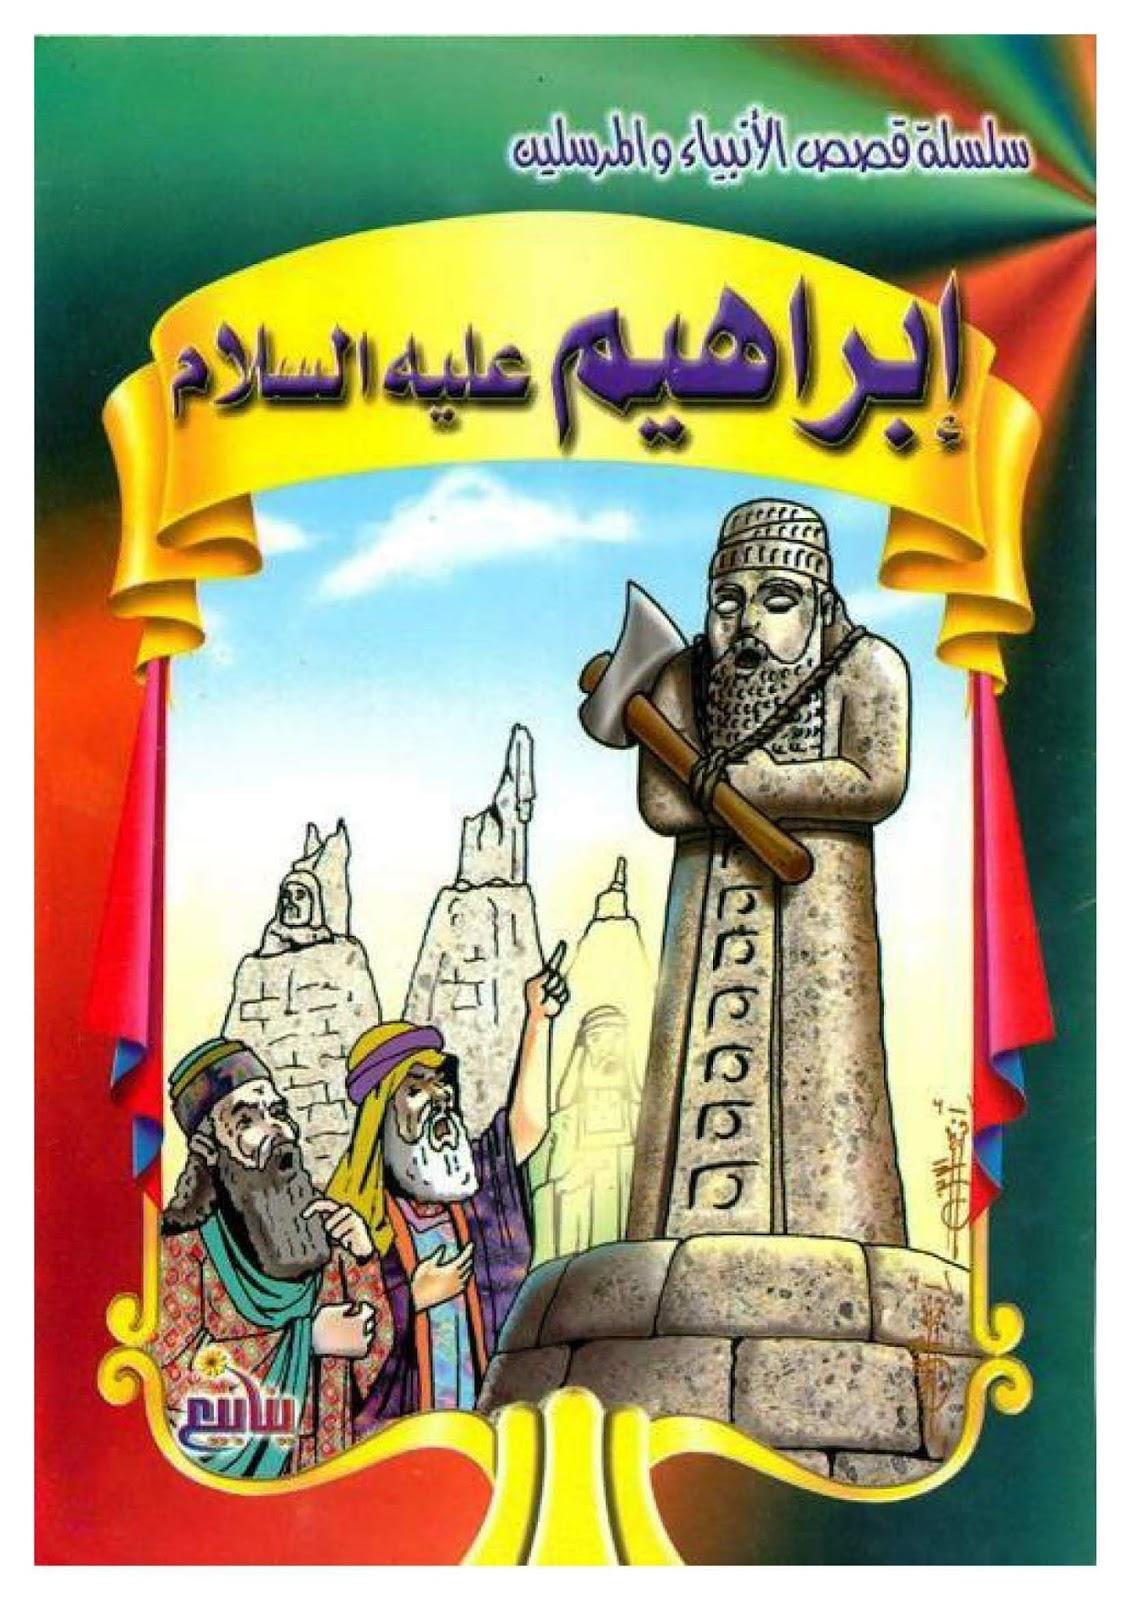 قصة سيدنا ابراهيم عليه السلام مع قومه و مع النمرود و مع ابنه اسماعيل القصـــــة